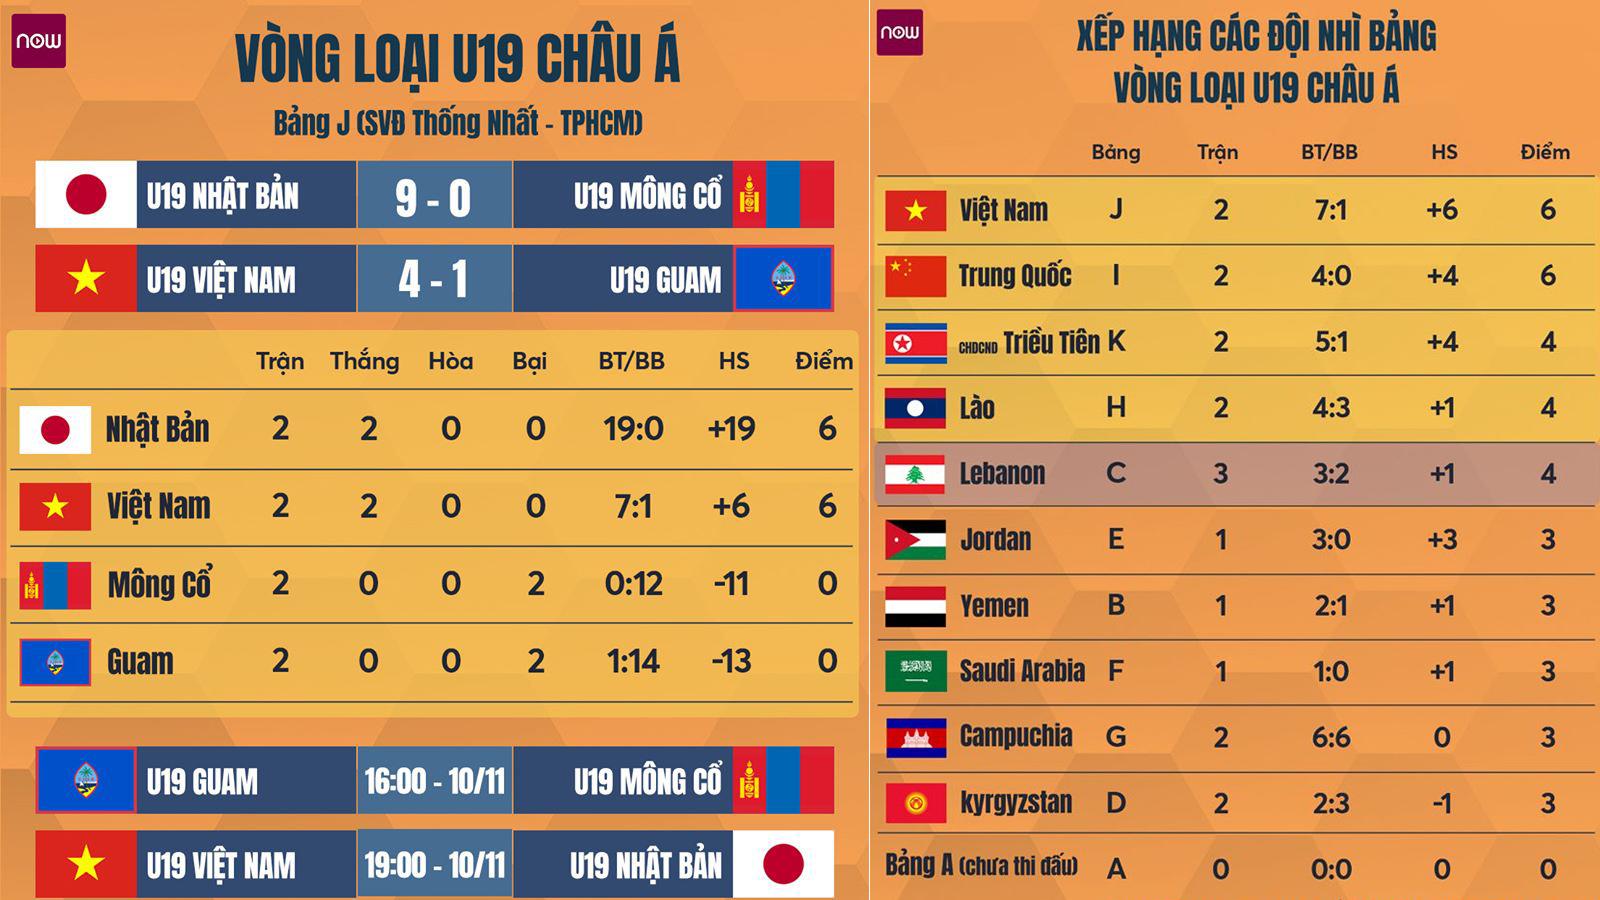 truc tiep bong da hom nay, U19 Việt Nam đấu với U19 Nhật Bản, trực tiếp bóng đá, U19 VN vs U19 Nhật, bóng đá trực tiếp, VTV6, xem bóng đá trực tuyến, U19 châu Á 2019